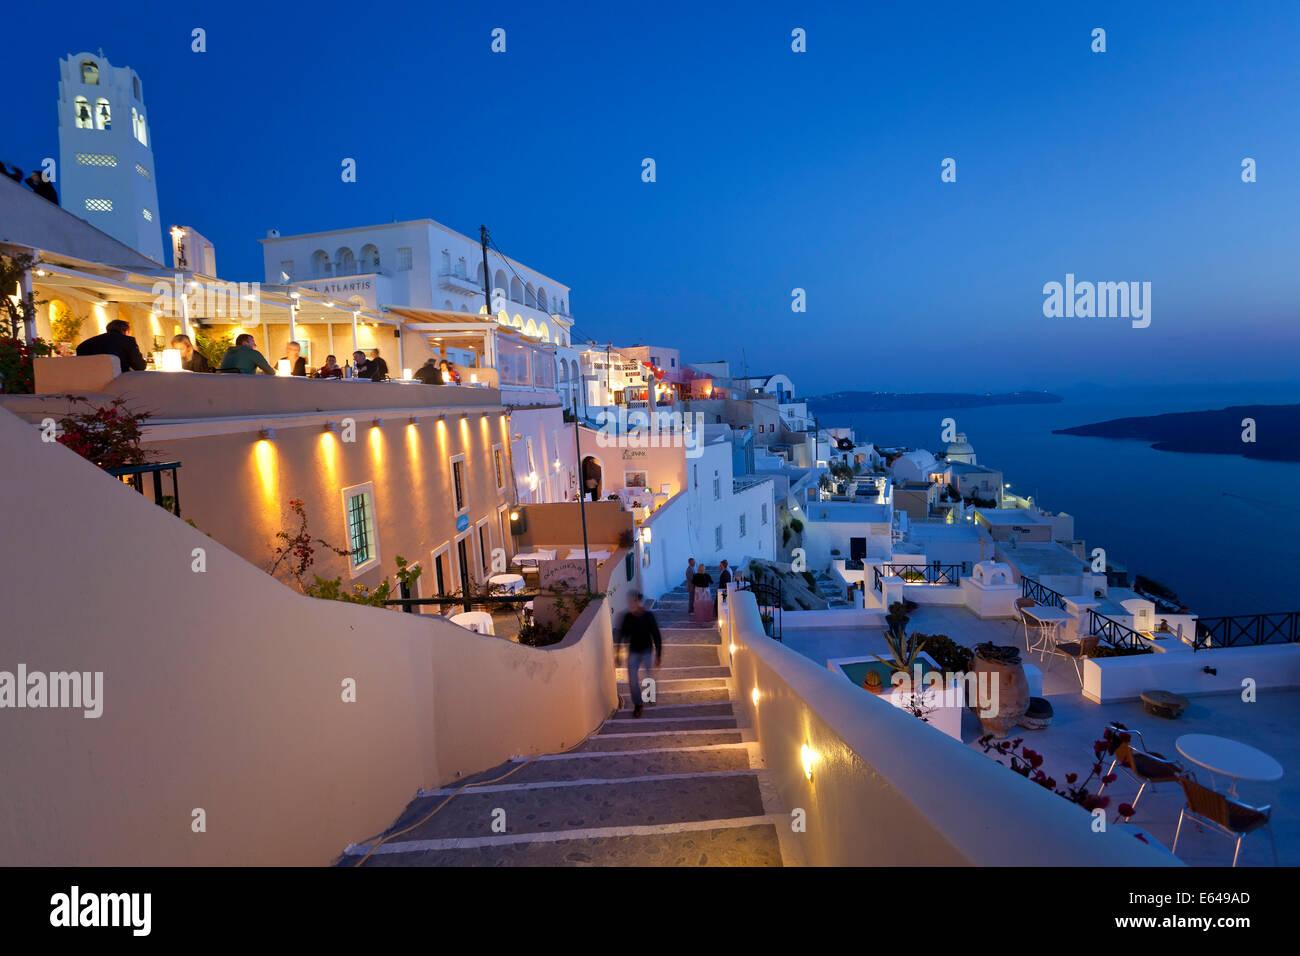 Die Stadt Fira in der Abenddämmerung, Fira, Santorini (Thira), Kykladen, Griechenland Stockbild